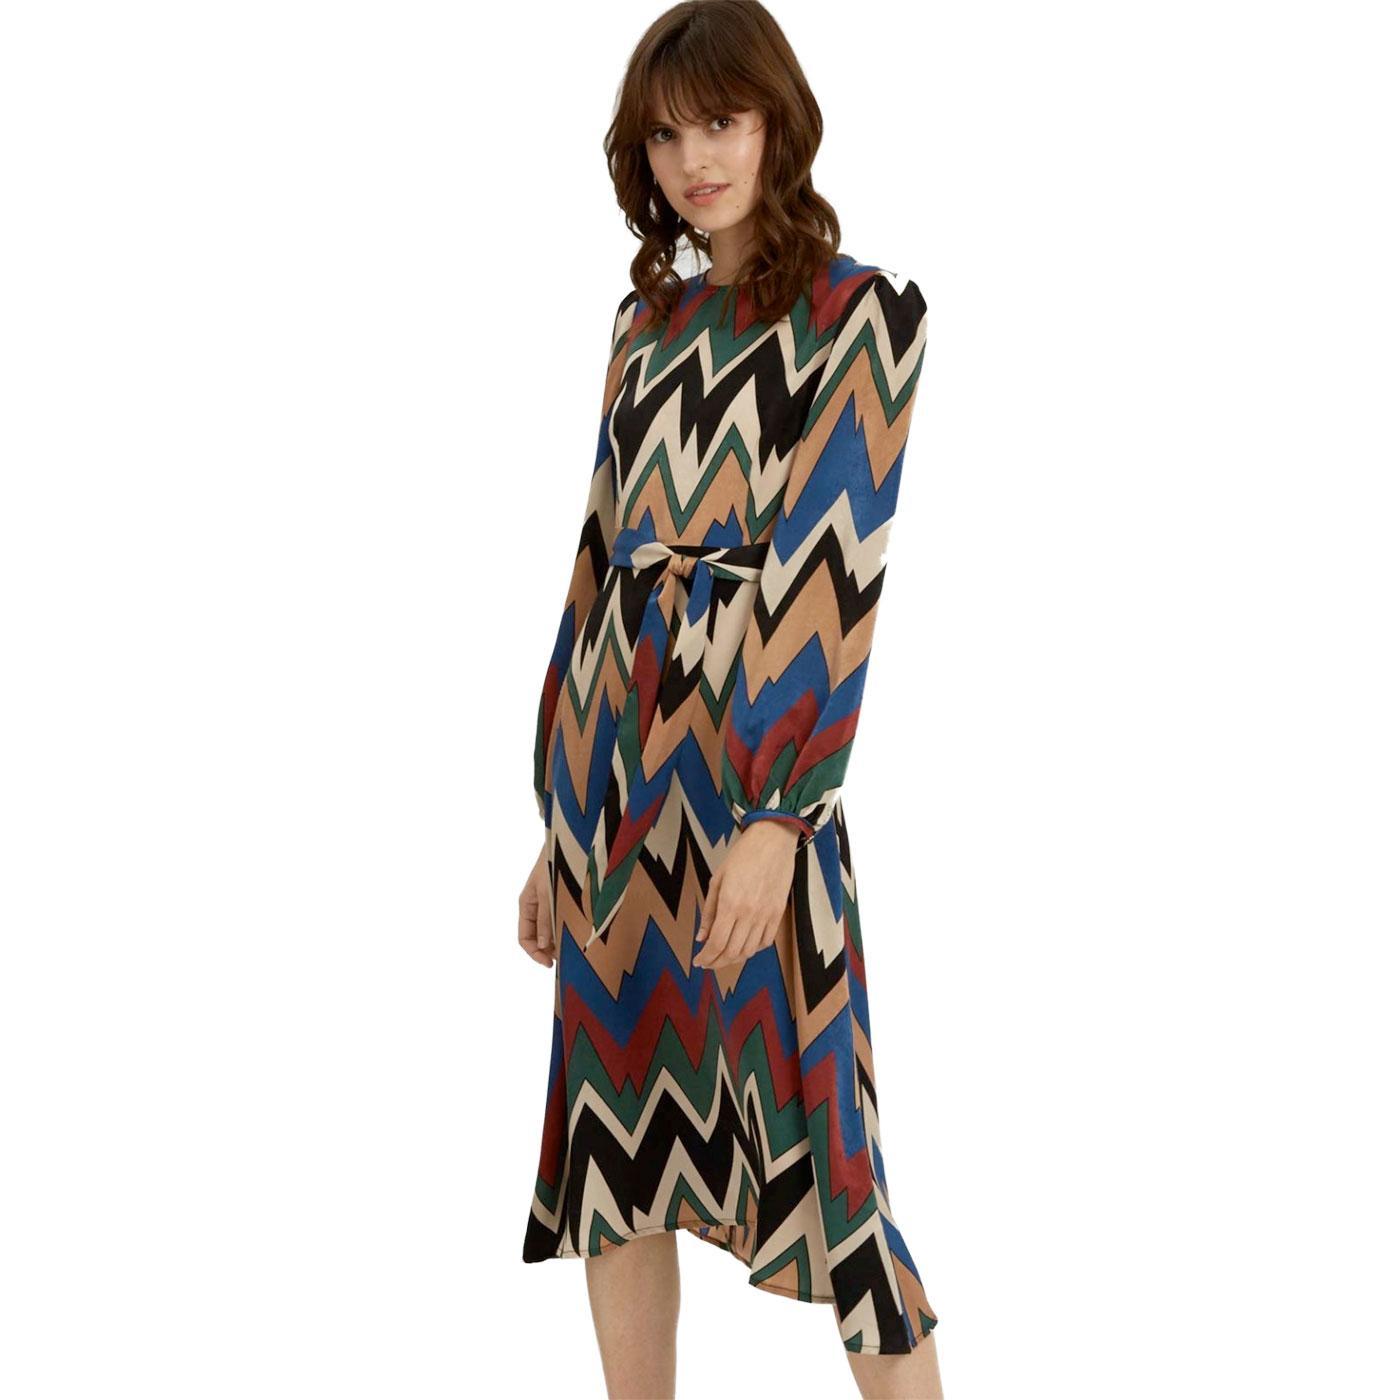 Mood Dress TRAFFIC PEOPLE Retro 70s Midi Dress